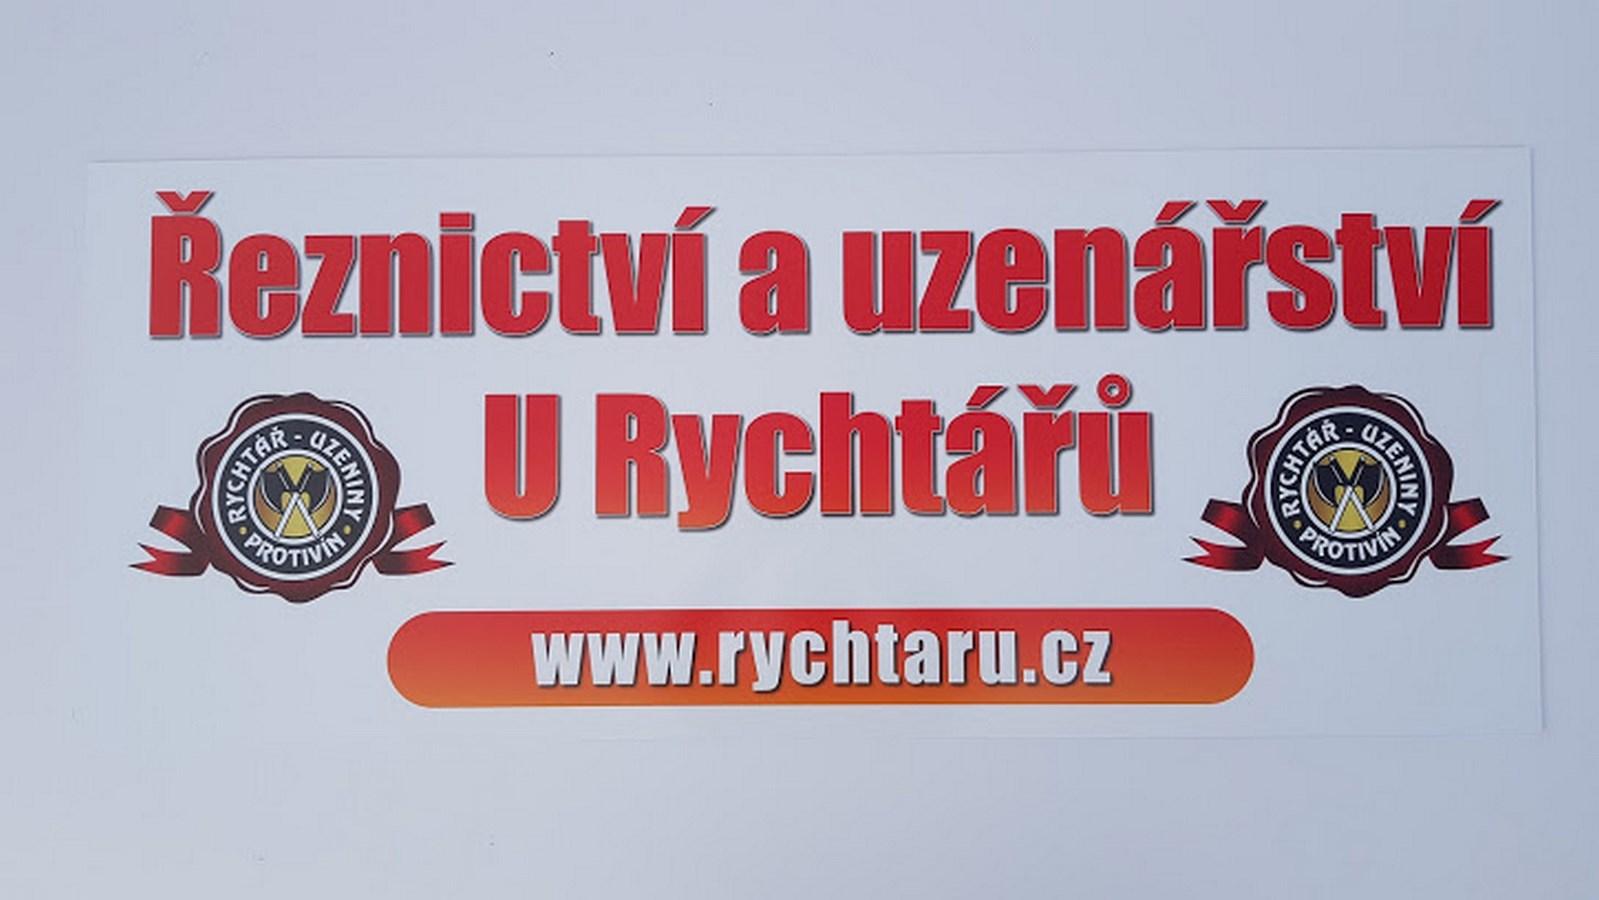 2bf6c4caf49 Reklamní deska - řeznictví a uzenářství U Rychtářů